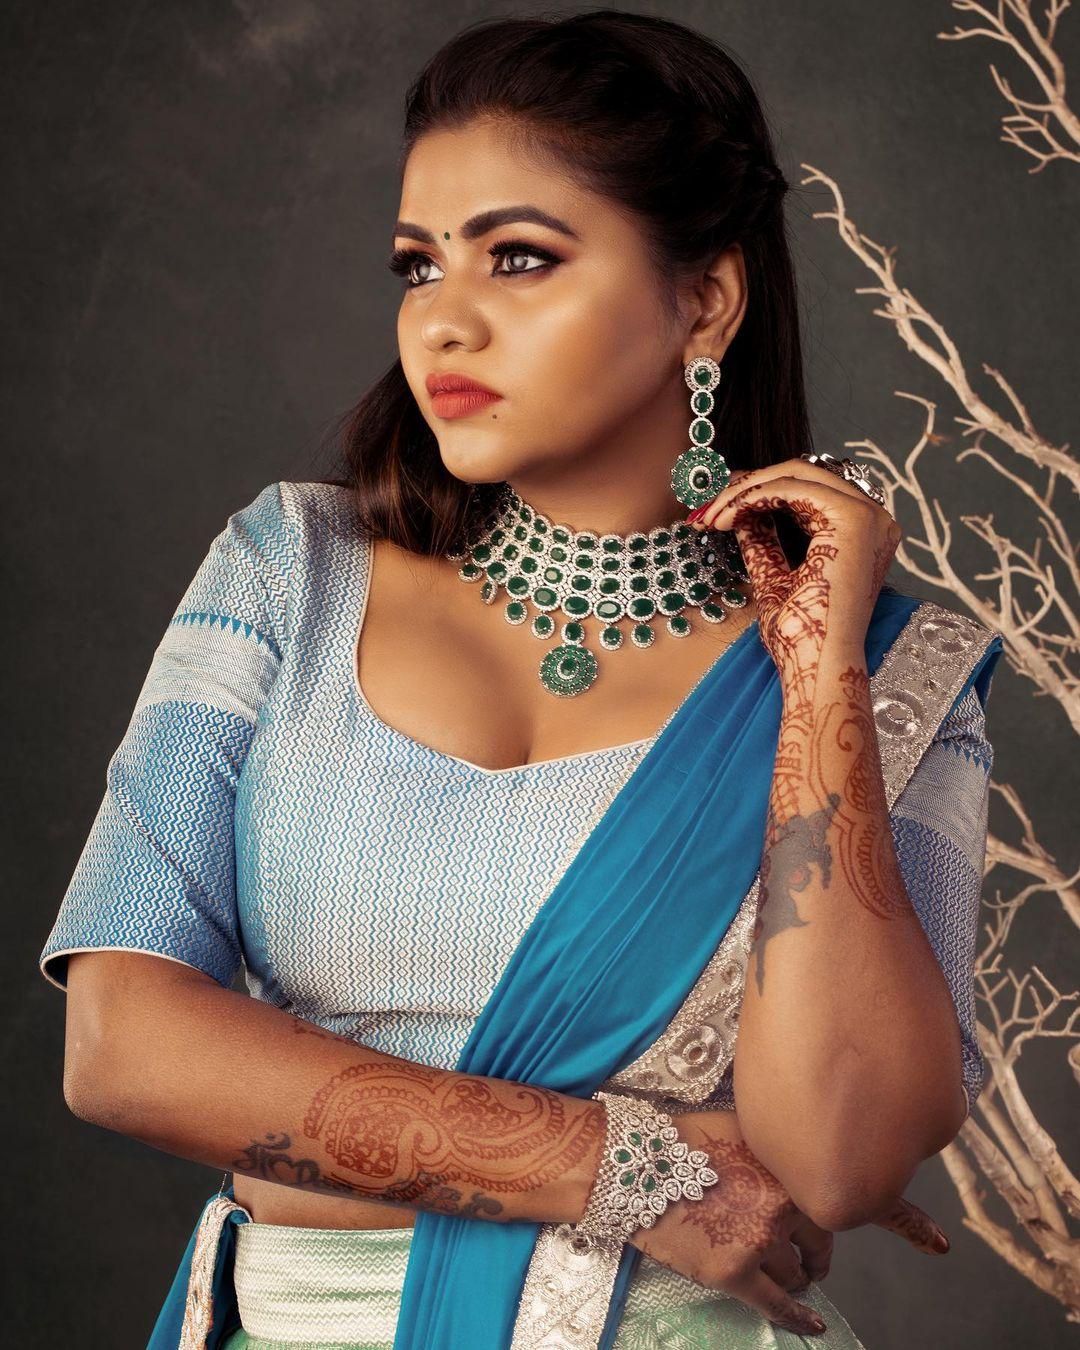 நடிகை ஷாலு ஷம்மு ( Image : Instagram @shalushamu )